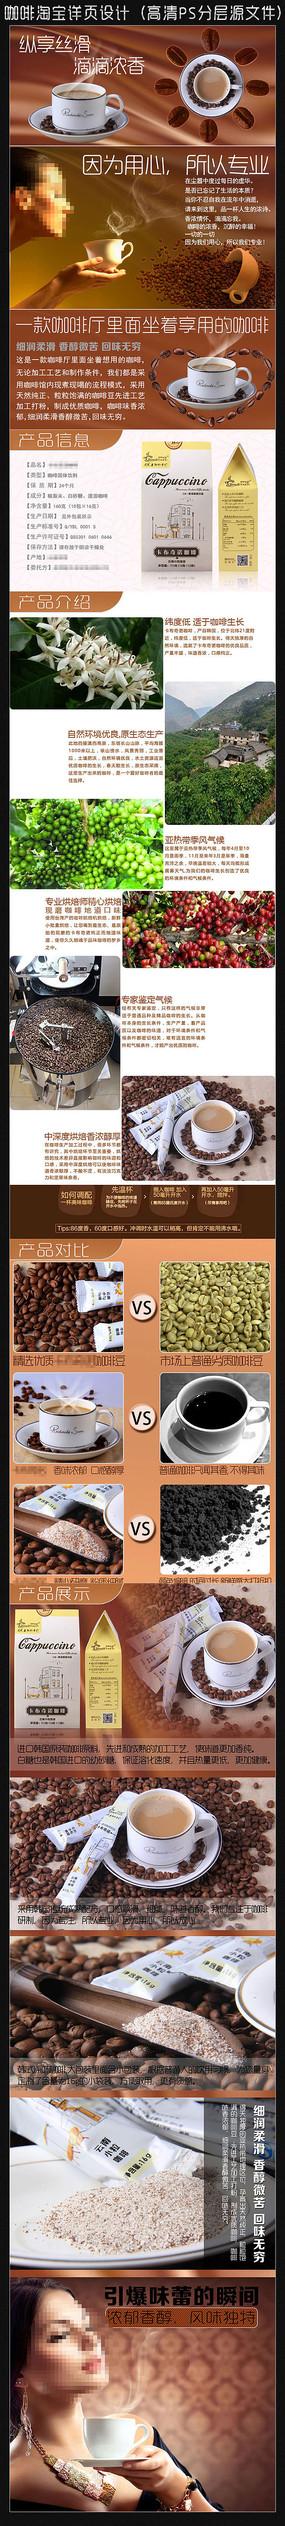 咖啡淘宝店铺详页设计模板